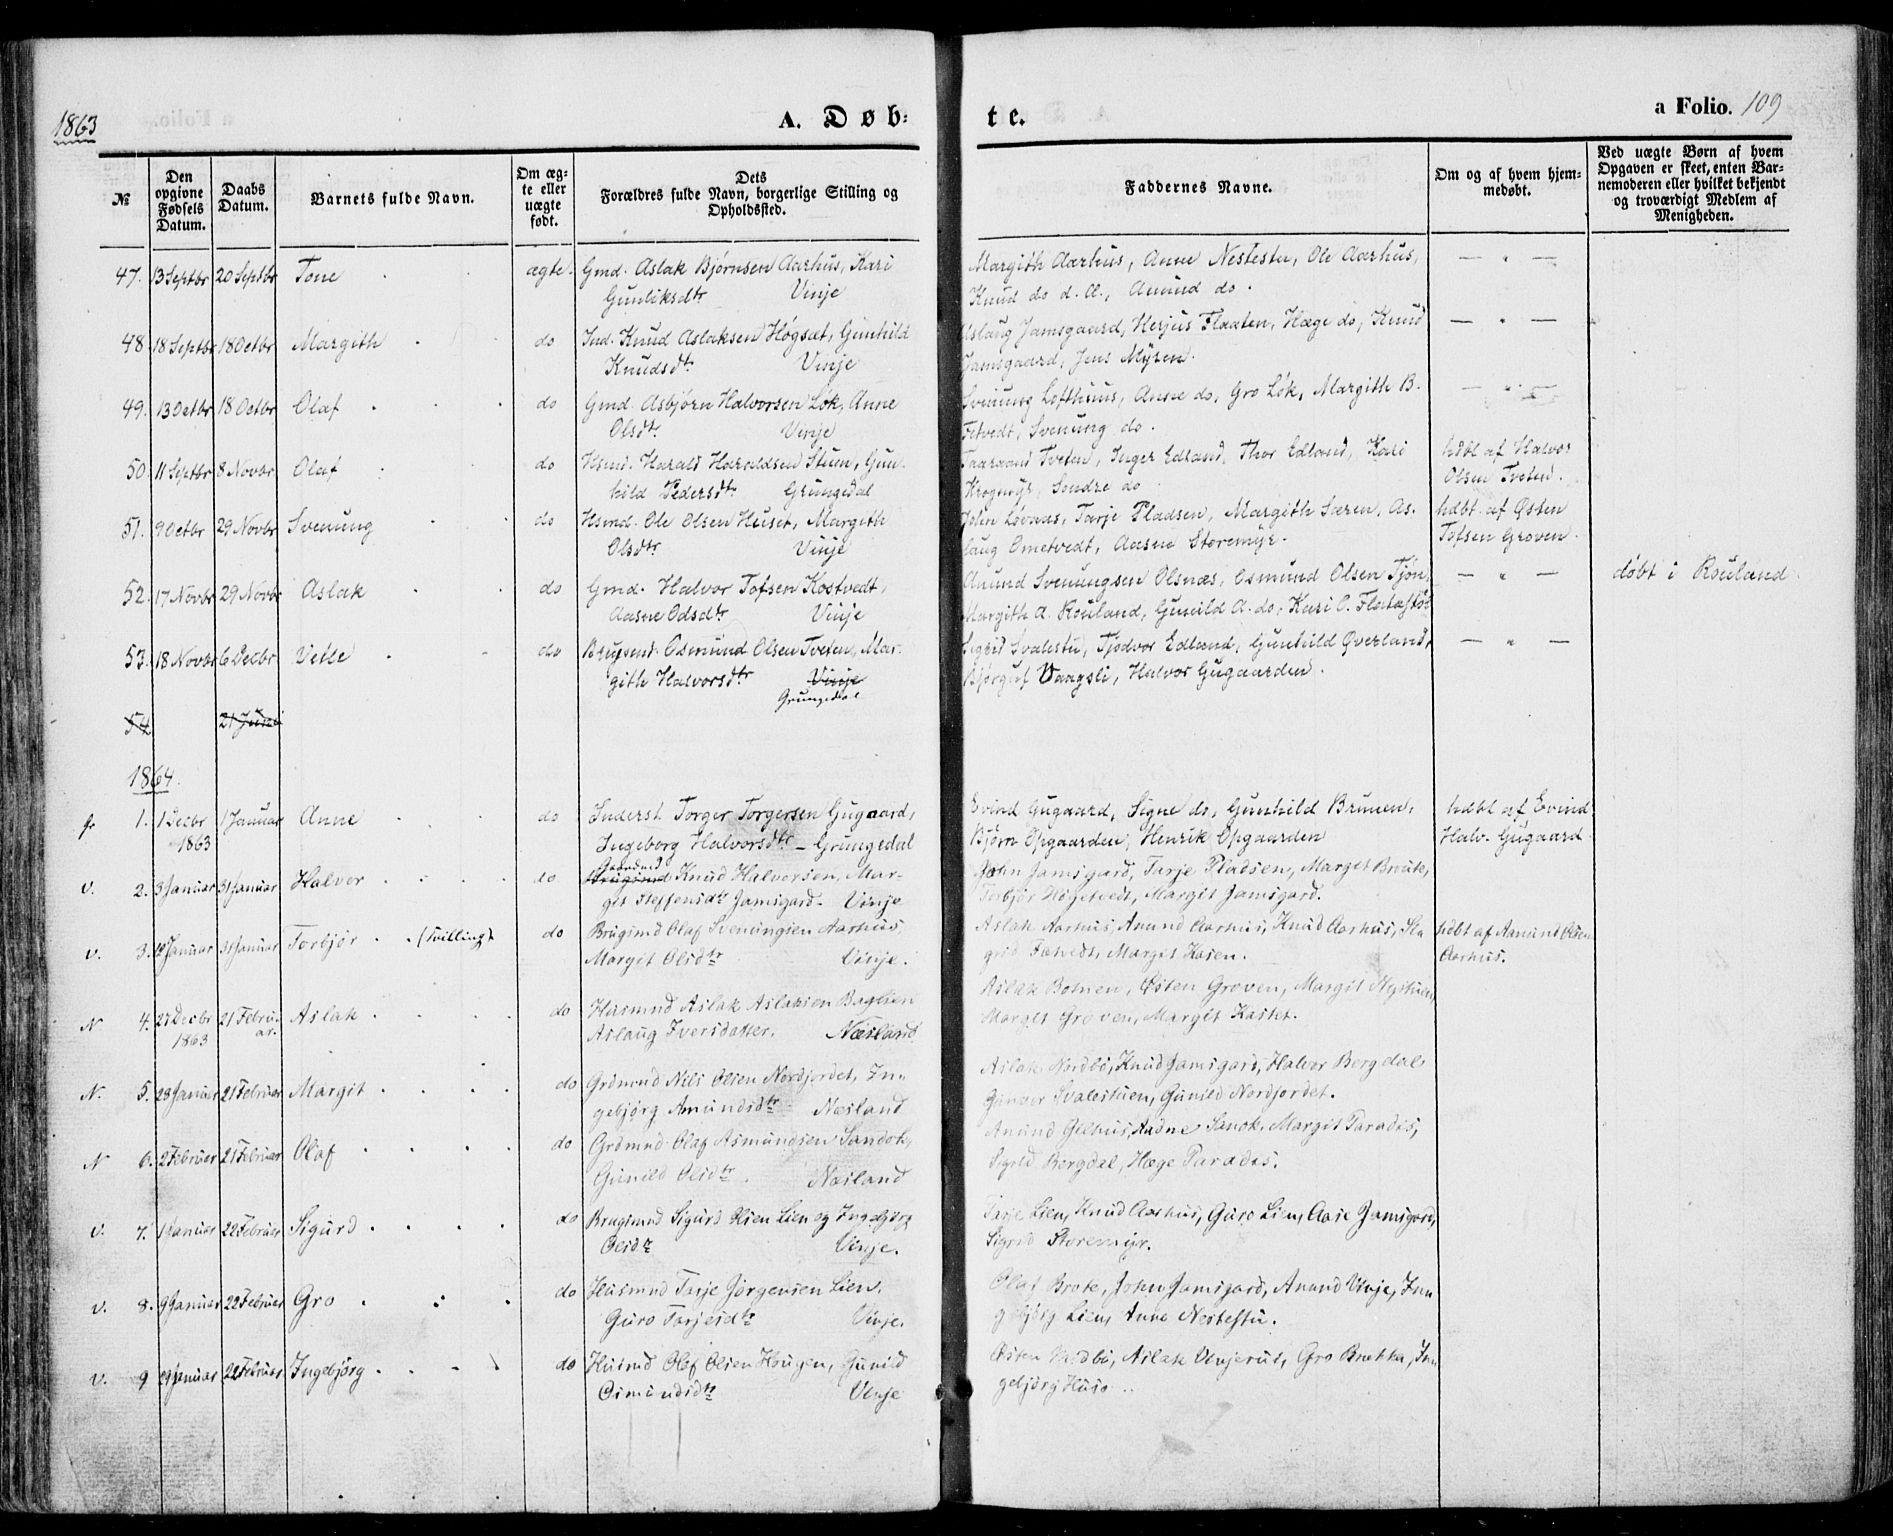 SAKO, Vinje kirkebøker, F/Fa/L0004: Ministerialbok nr. I 4, 1843-1869, s. 109